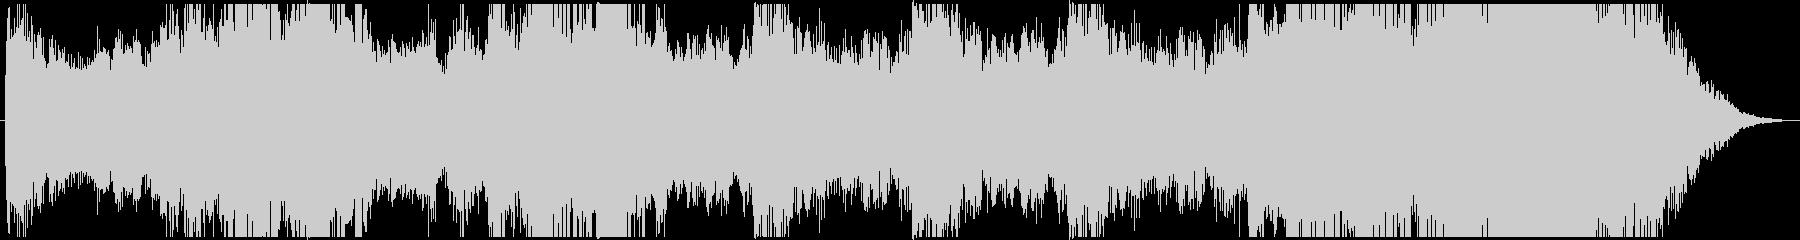 PADS 神秘的なアンビル01の未再生の波形